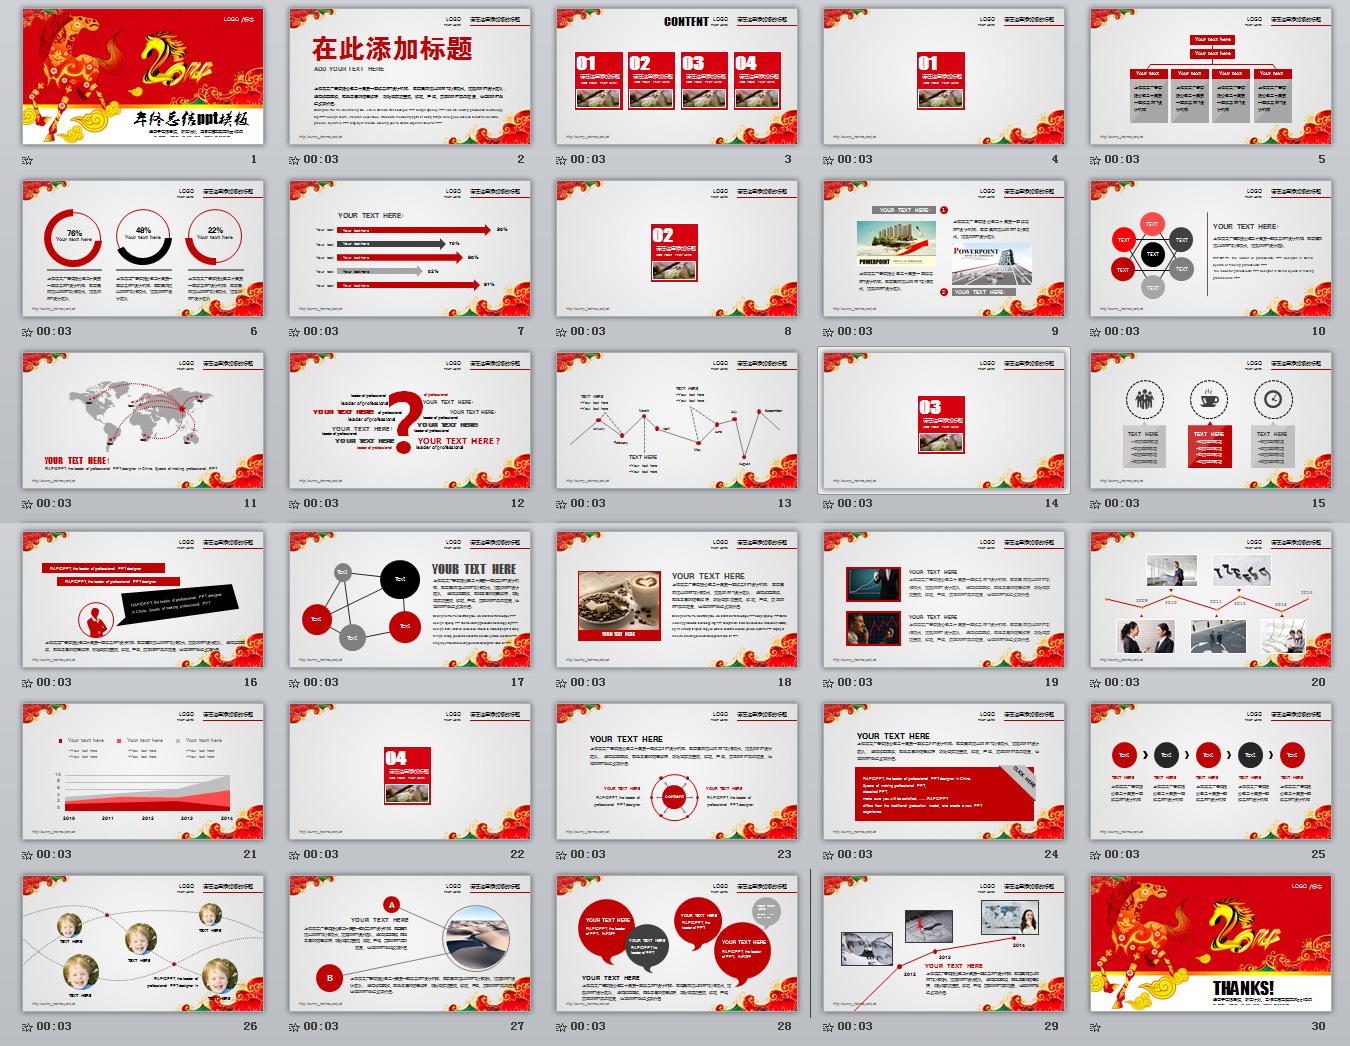 2014年度总结,汇报,计划类ppt模板